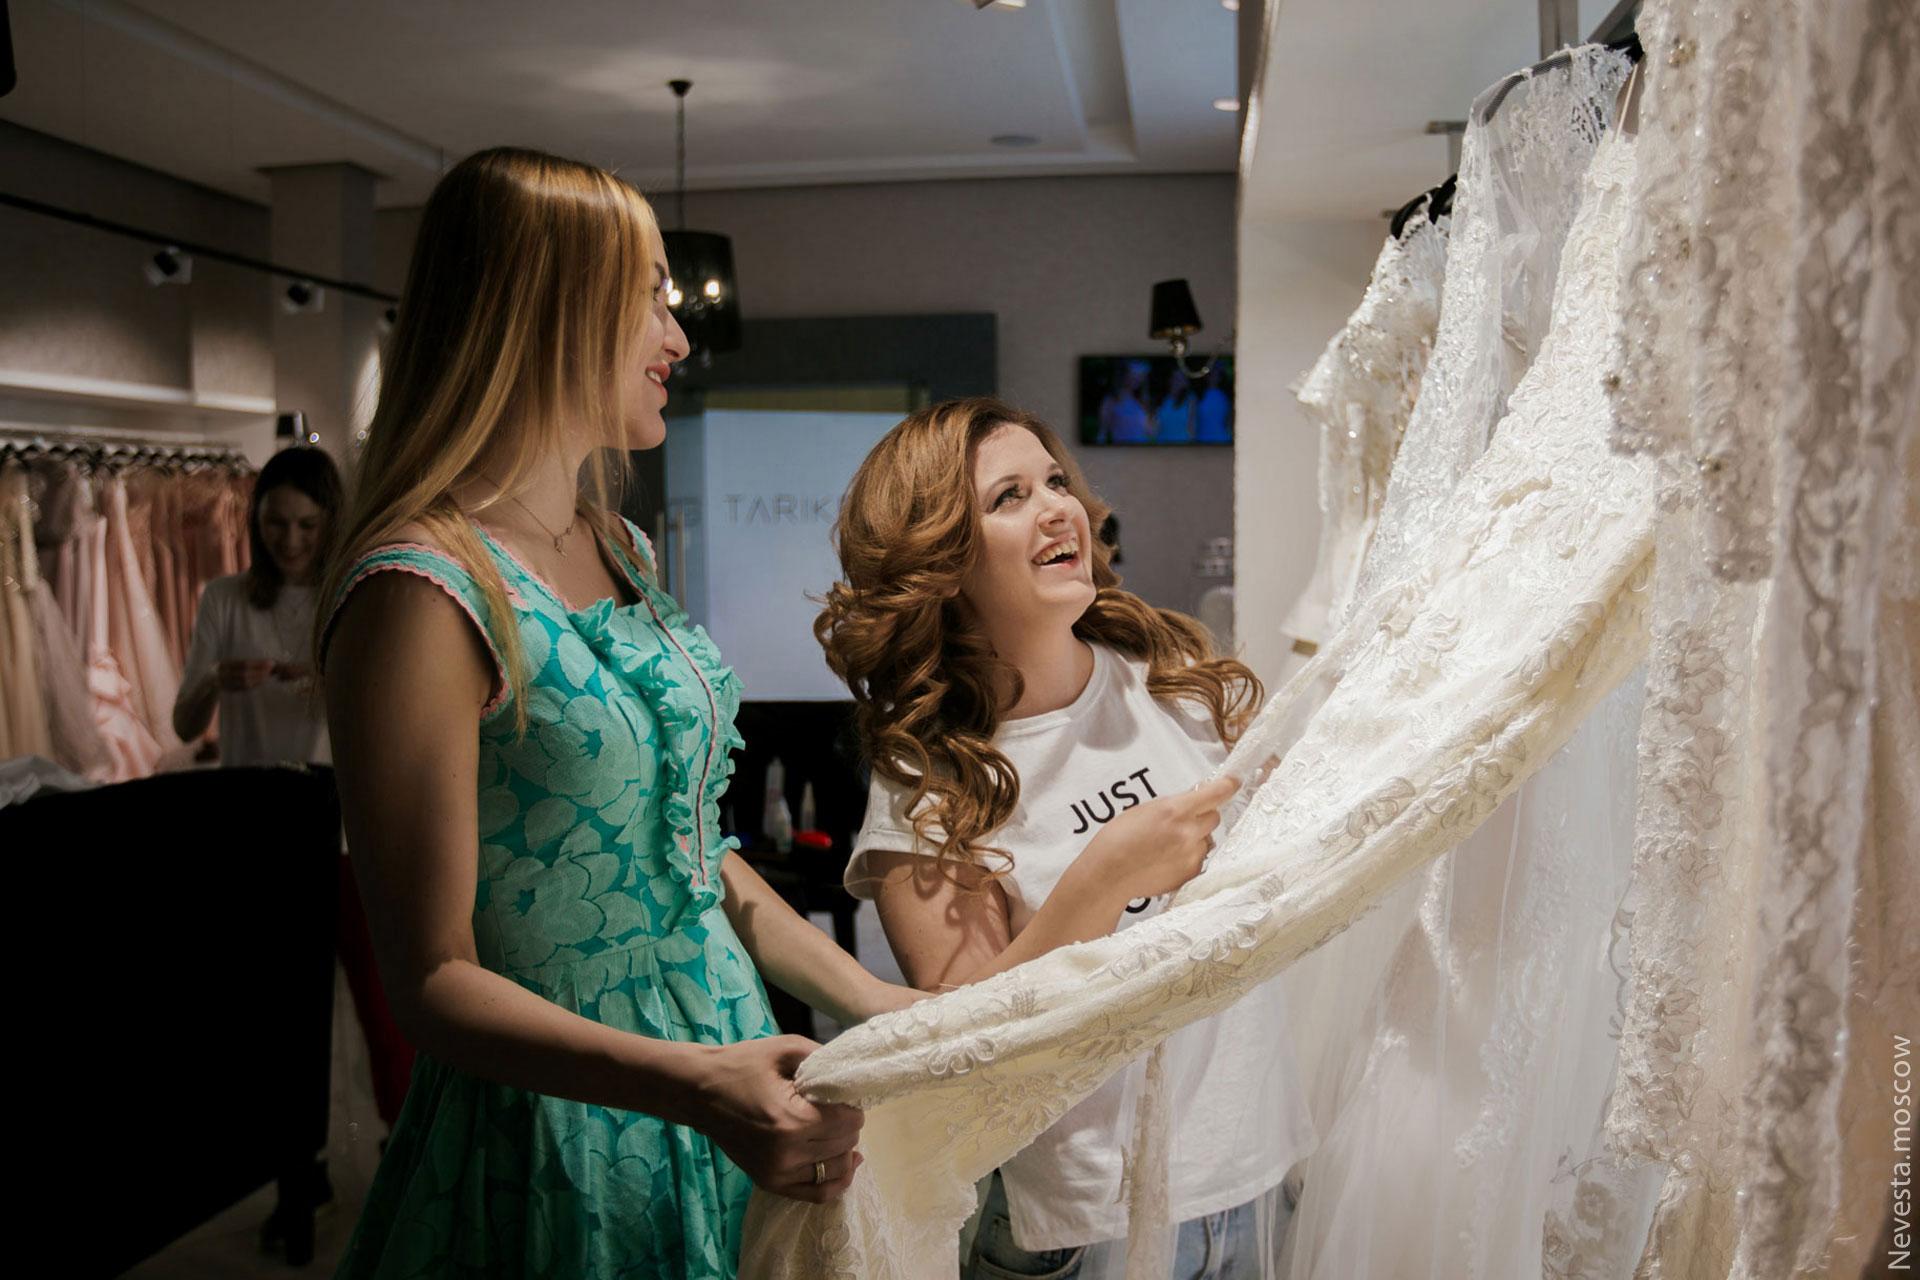 Анастасия Денисова выбирает образ для своей свадьбы фото 18